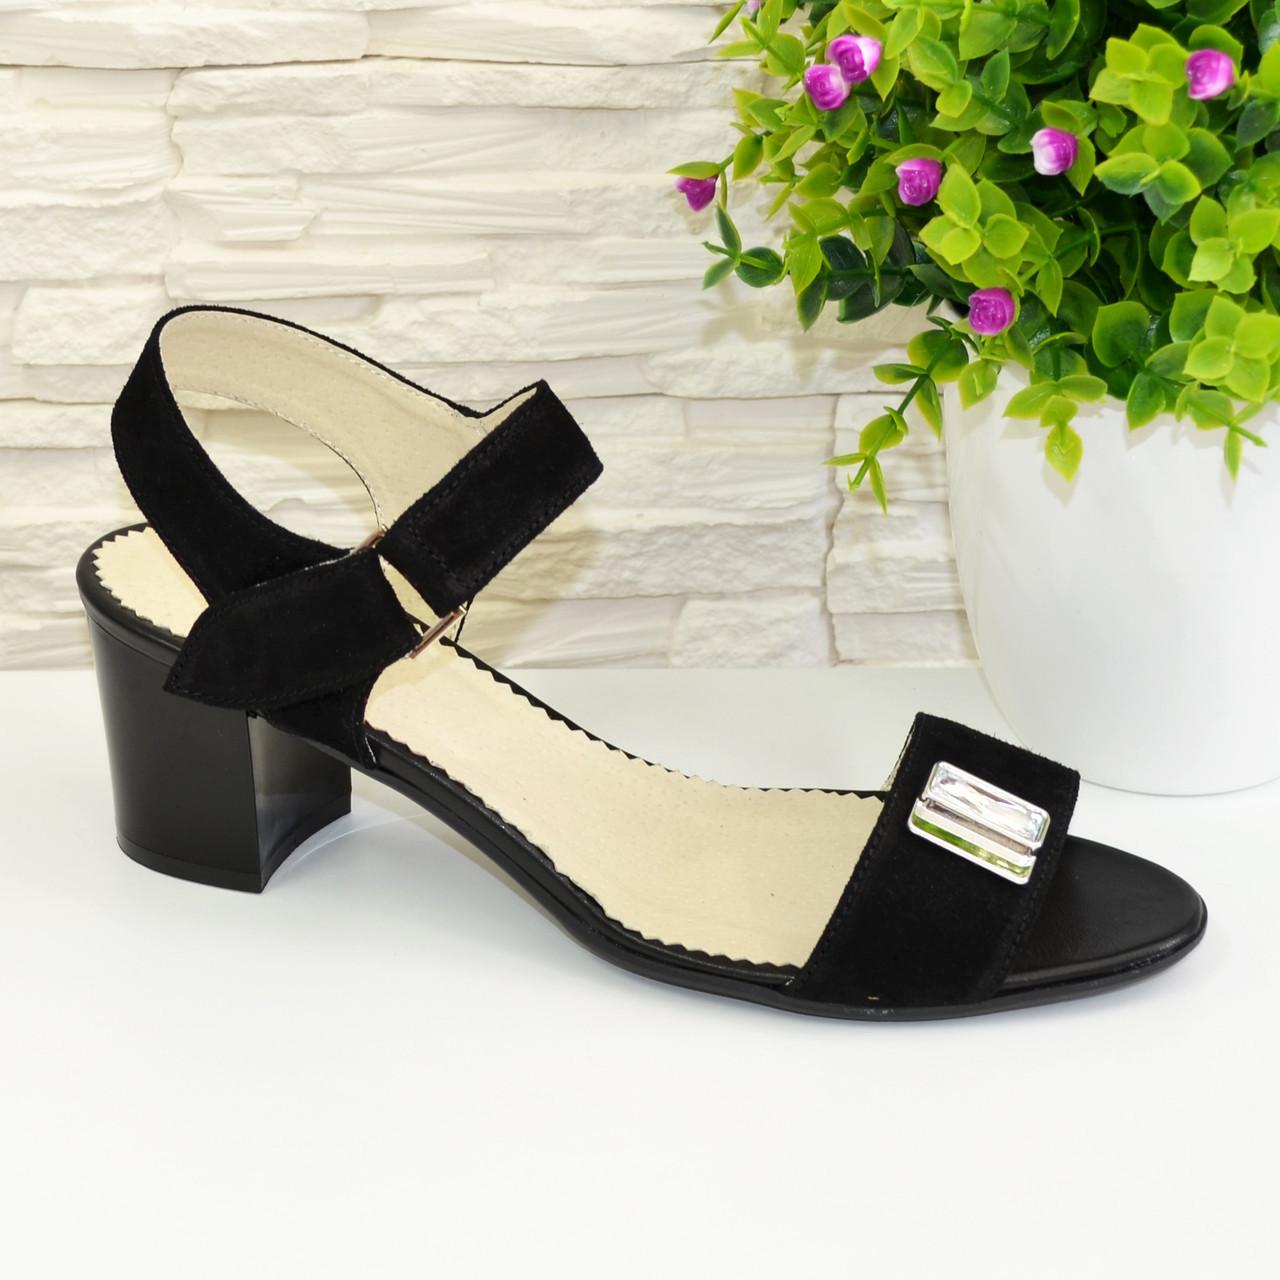 Женские замшевые черные босоножки на невысоком каблуке, декорированы фурнитурой.